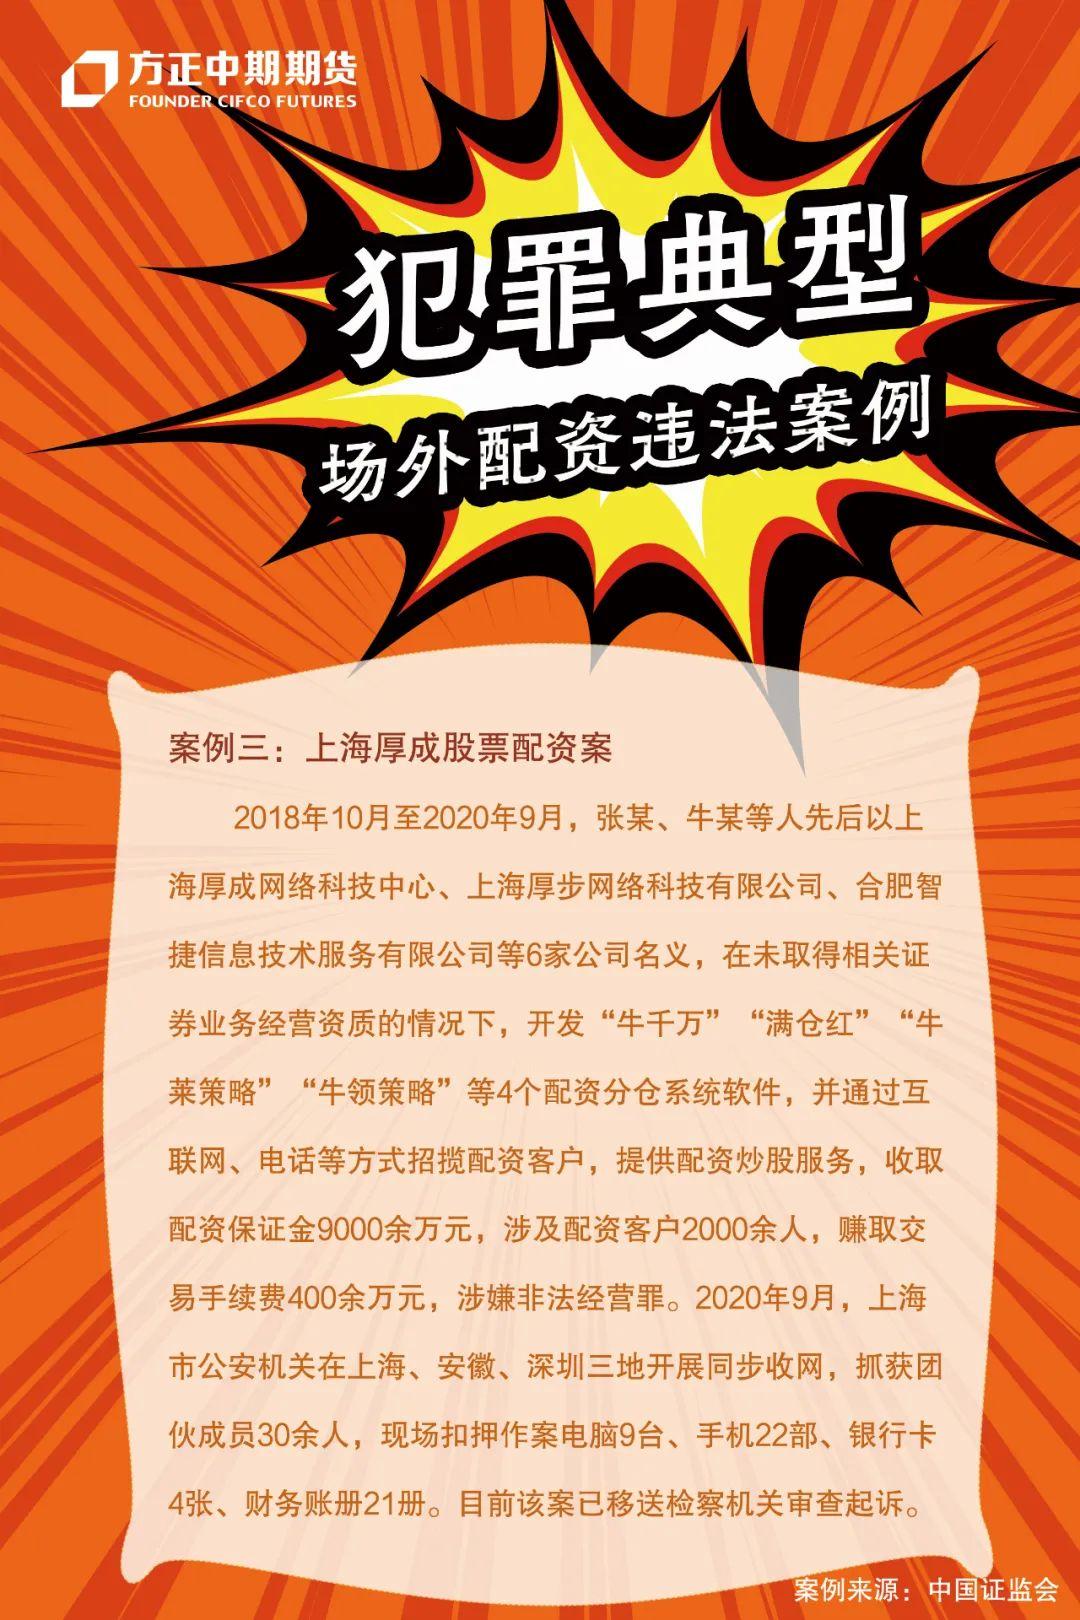 案例三:上海厚成股票配资案